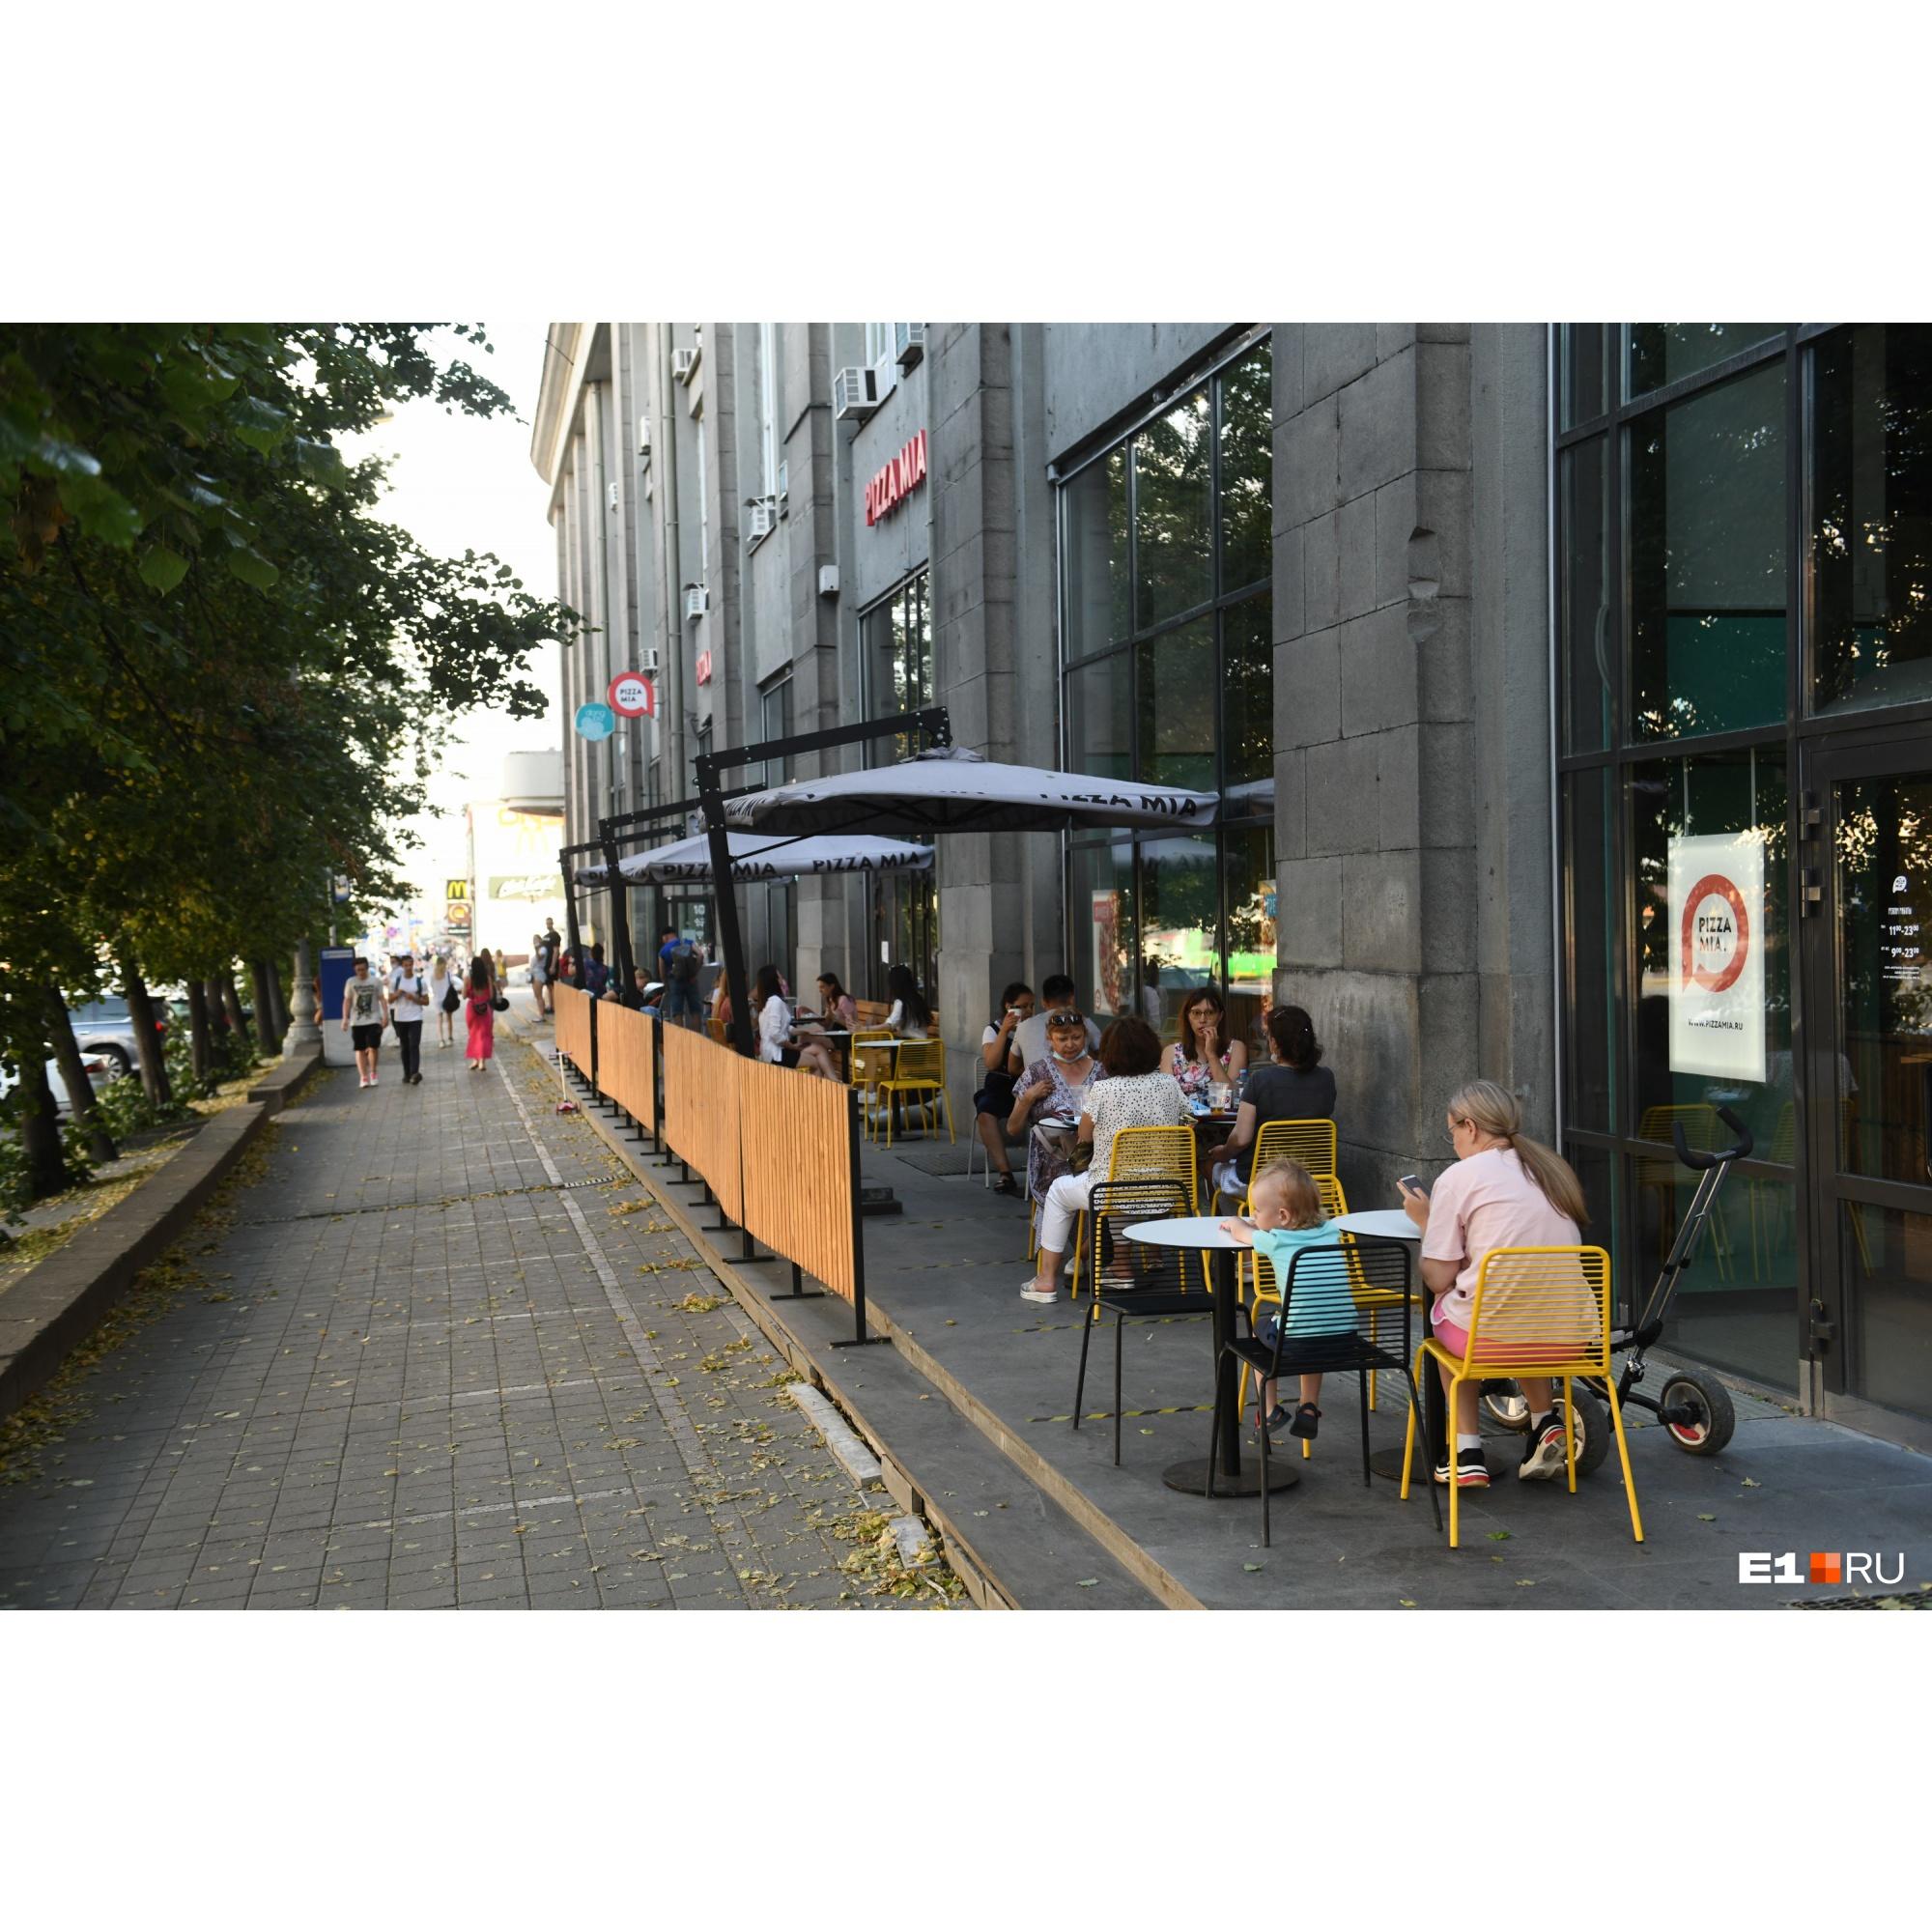 Согласно рекомендациям Роспотребнадзора, за столом могут сидеть не больше двух человек, не считая детей